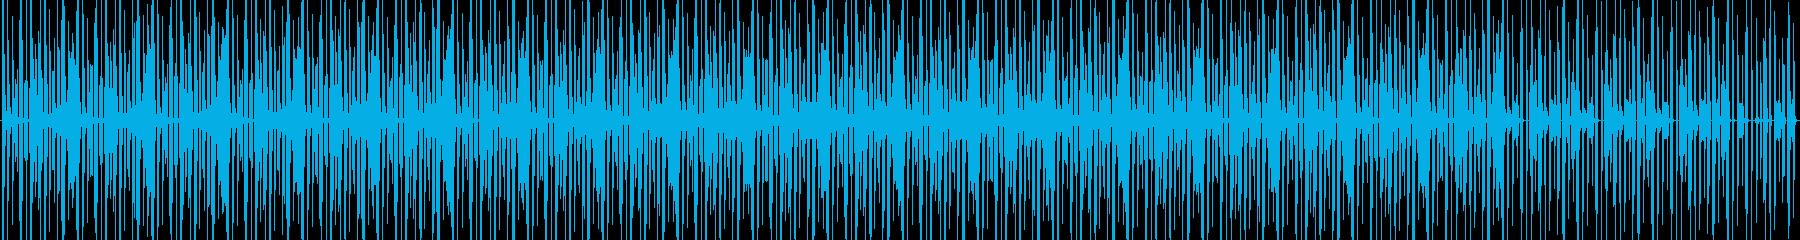 【チルアウト】LoFi / ヒップホップの再生済みの波形